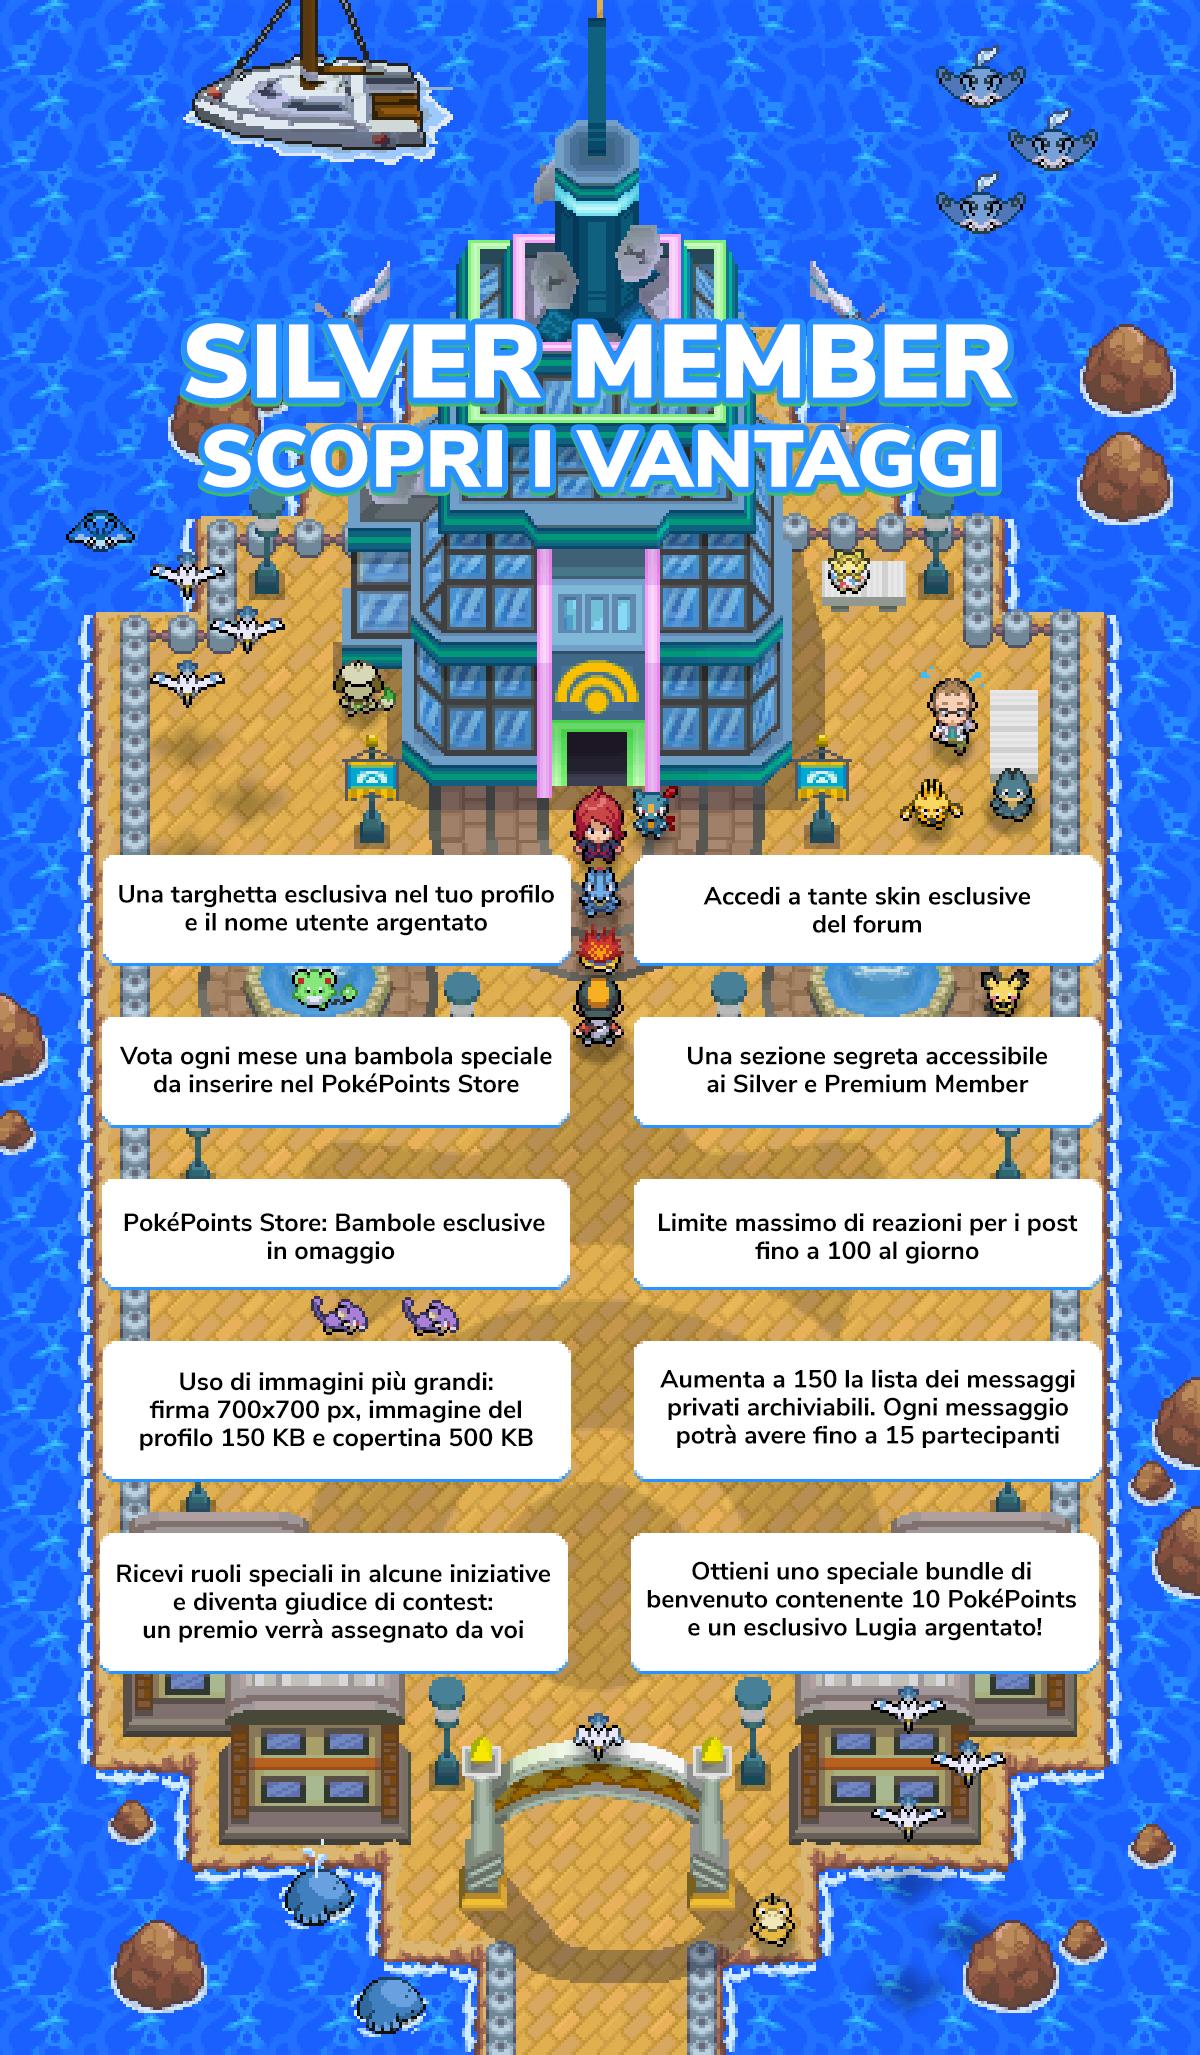 Infografica_vantaggi_Silverini_fatta_e_f